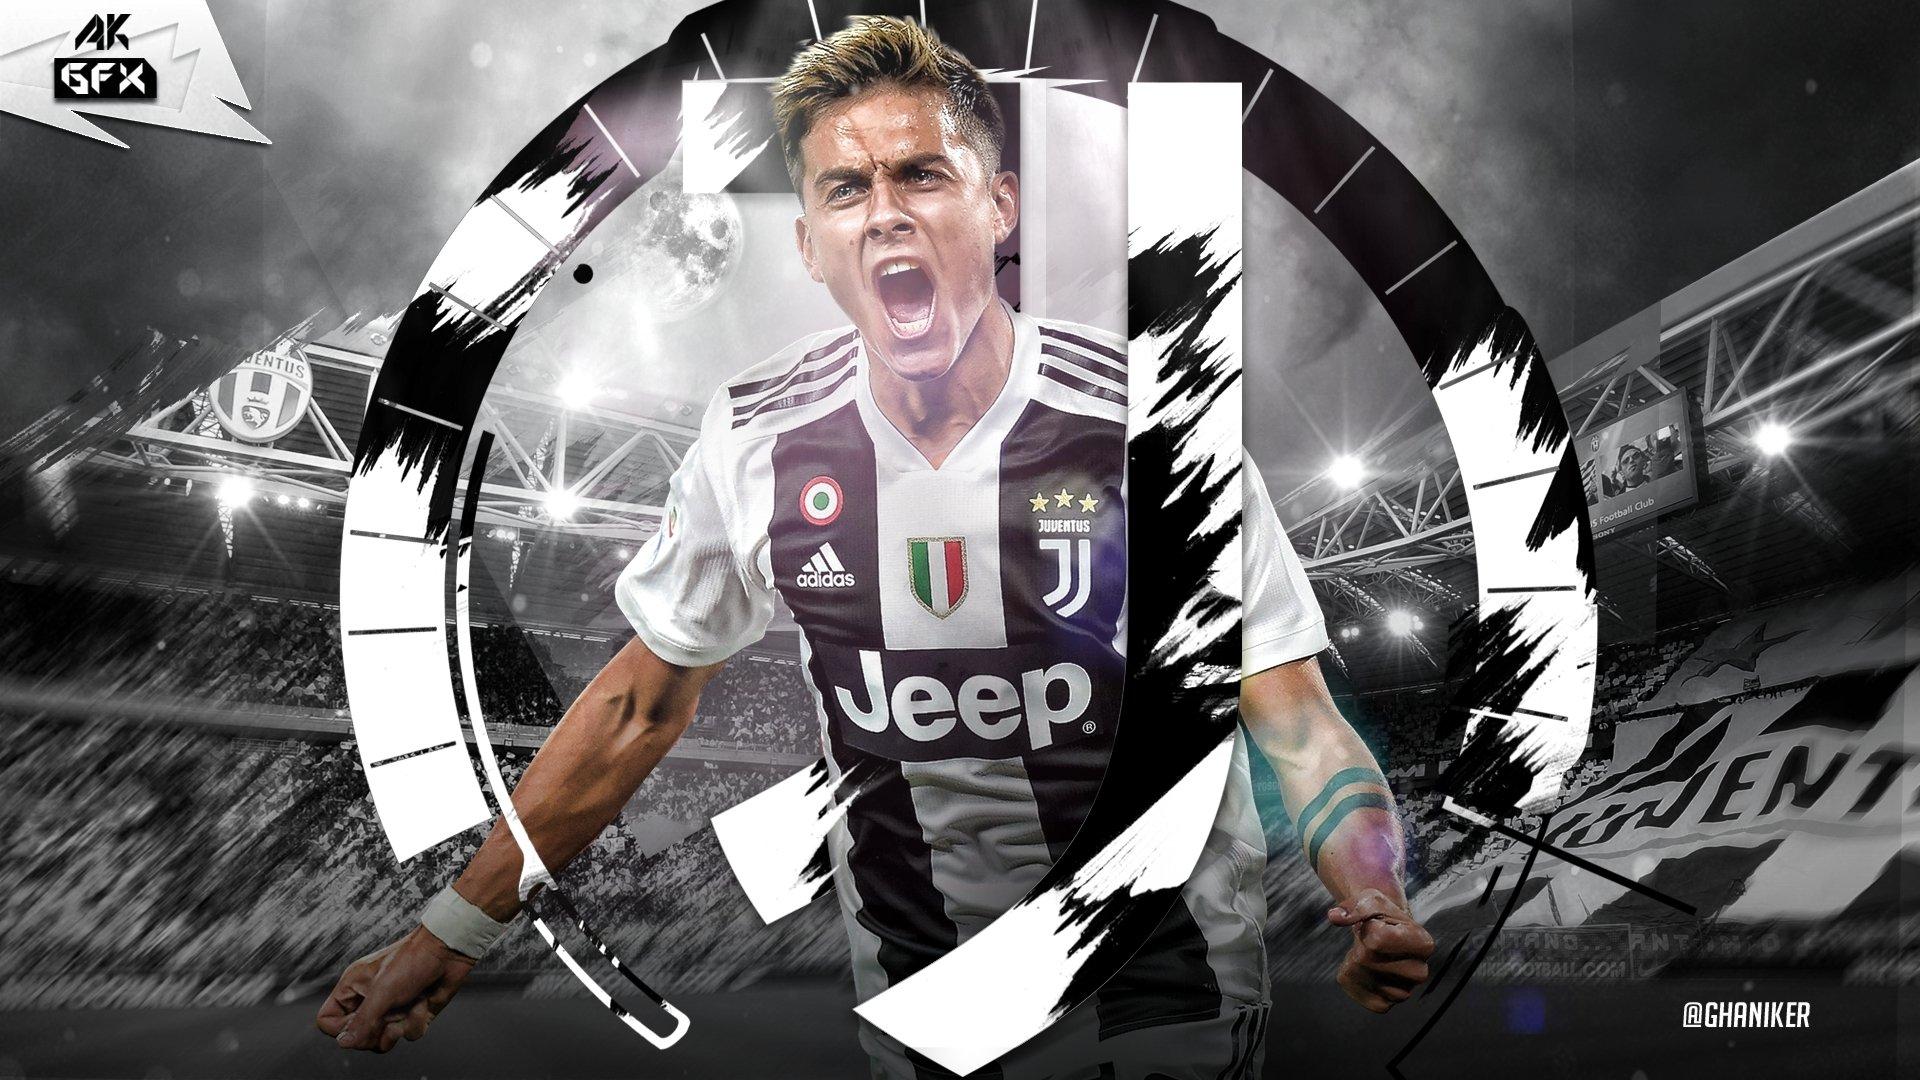 Paulo Dybala Juventus Hd Wallpaper Sfondi 1920x1080 Id